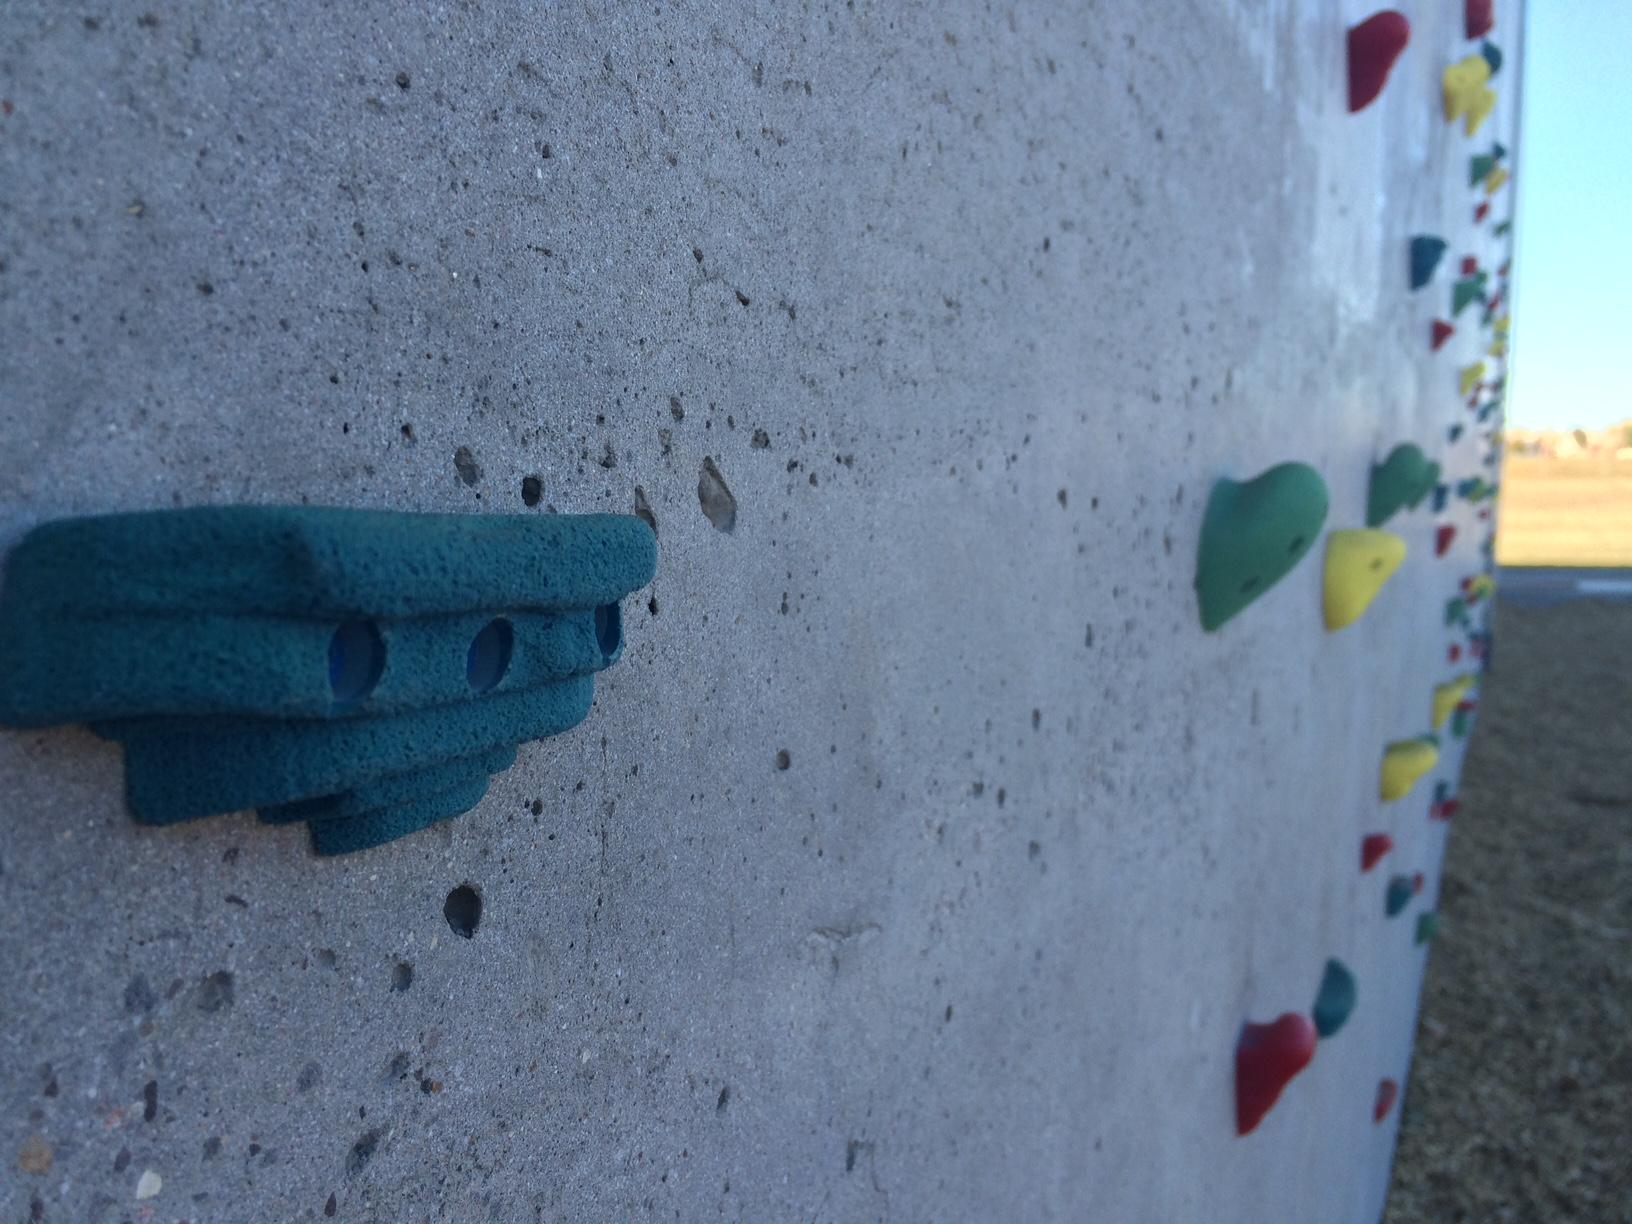 vert climbing wall